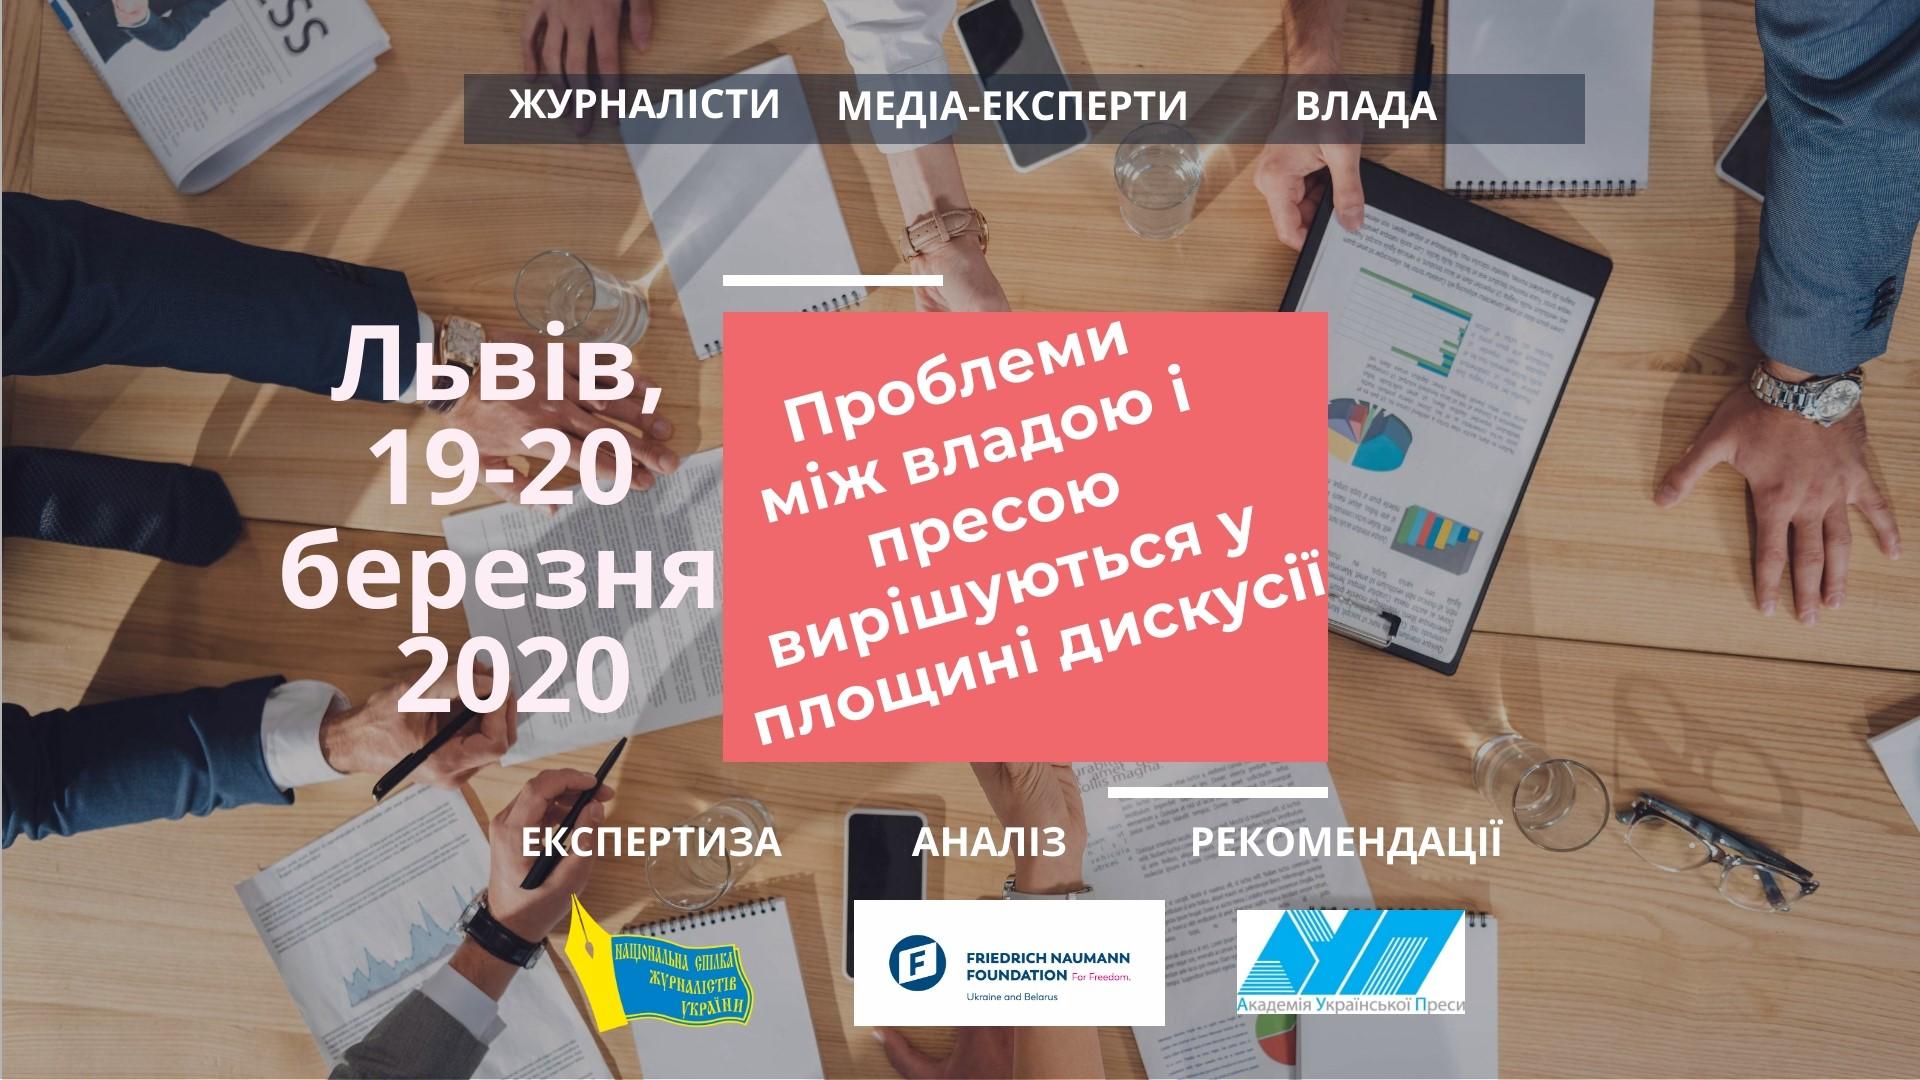 Запрошуємо на регіональну дискусію з питань свободи слова у Львові